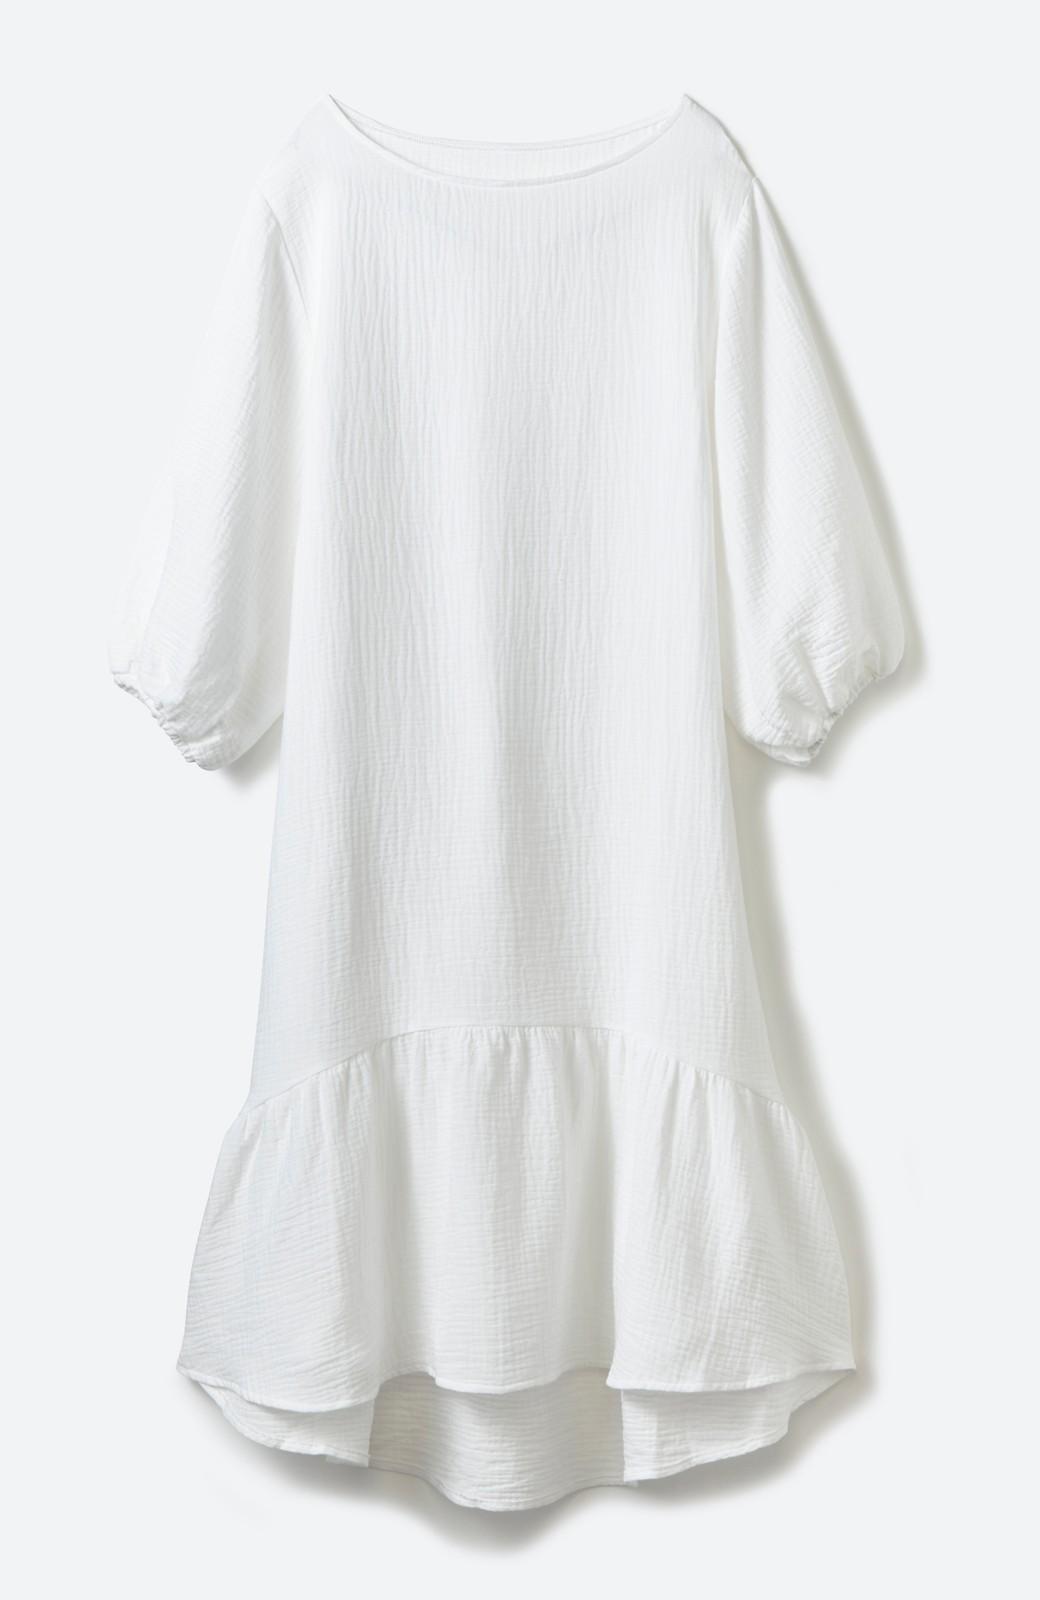 nusy すぽっと着られて着心地さわやか ぽんわり袖ガーゼワンピース <ホワイト>の商品写真1